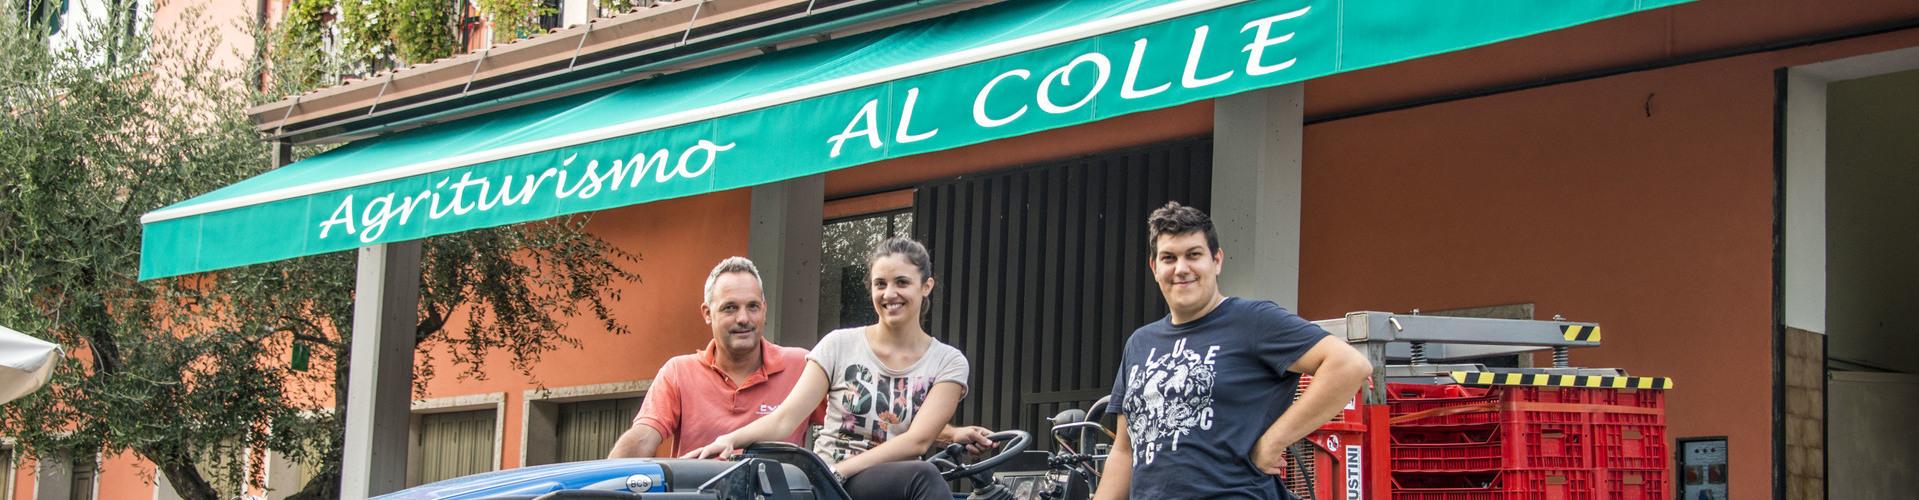 Contatti - Agriturismo Al Colle